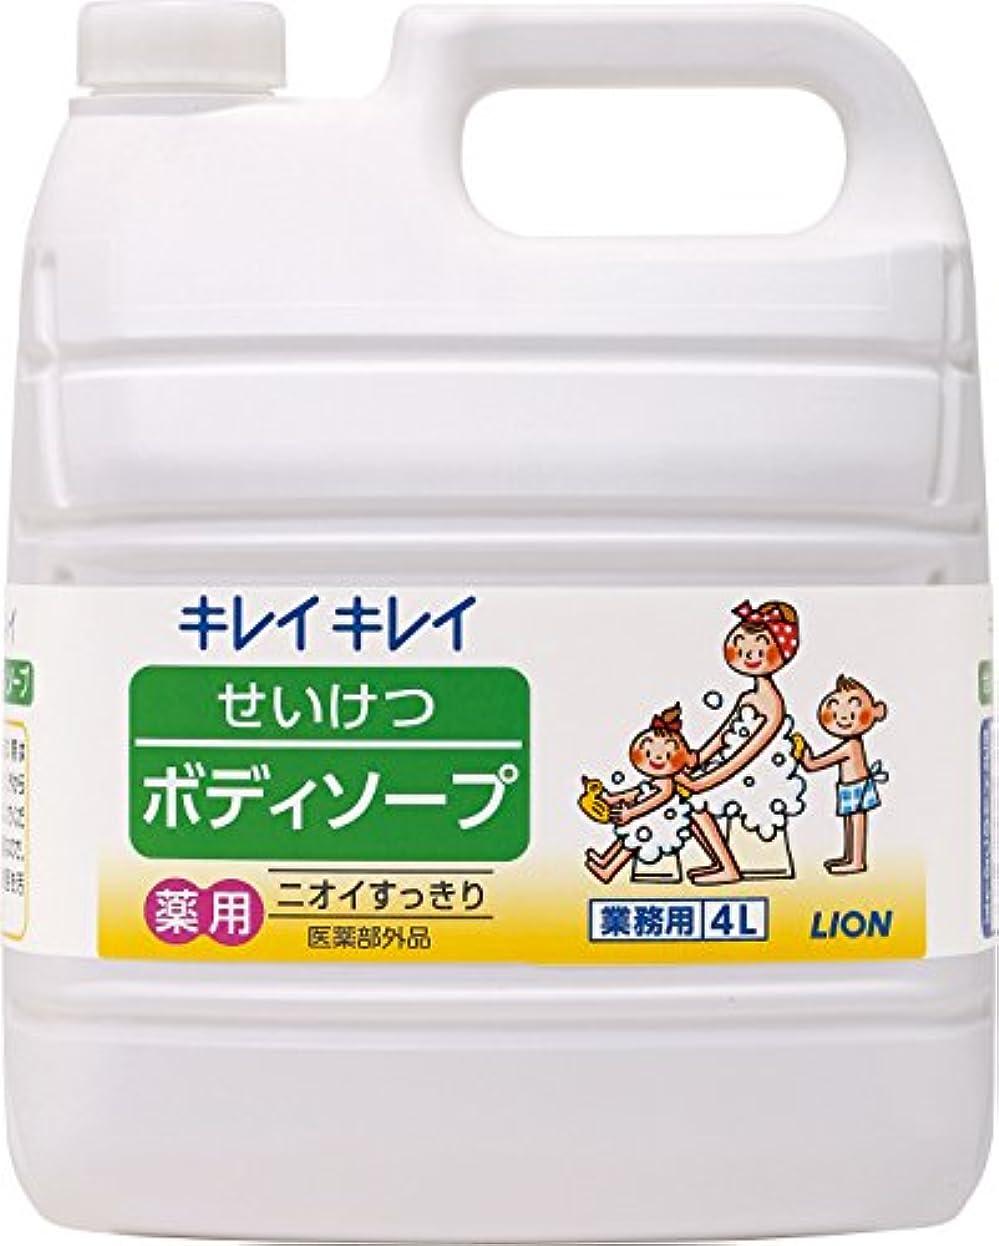 地雷原やさしく値下げ【業務用 大容量】キレイキレイ せいけつボディソープ さわやかなレモン&オレンジの香り 4L(医薬部外品)